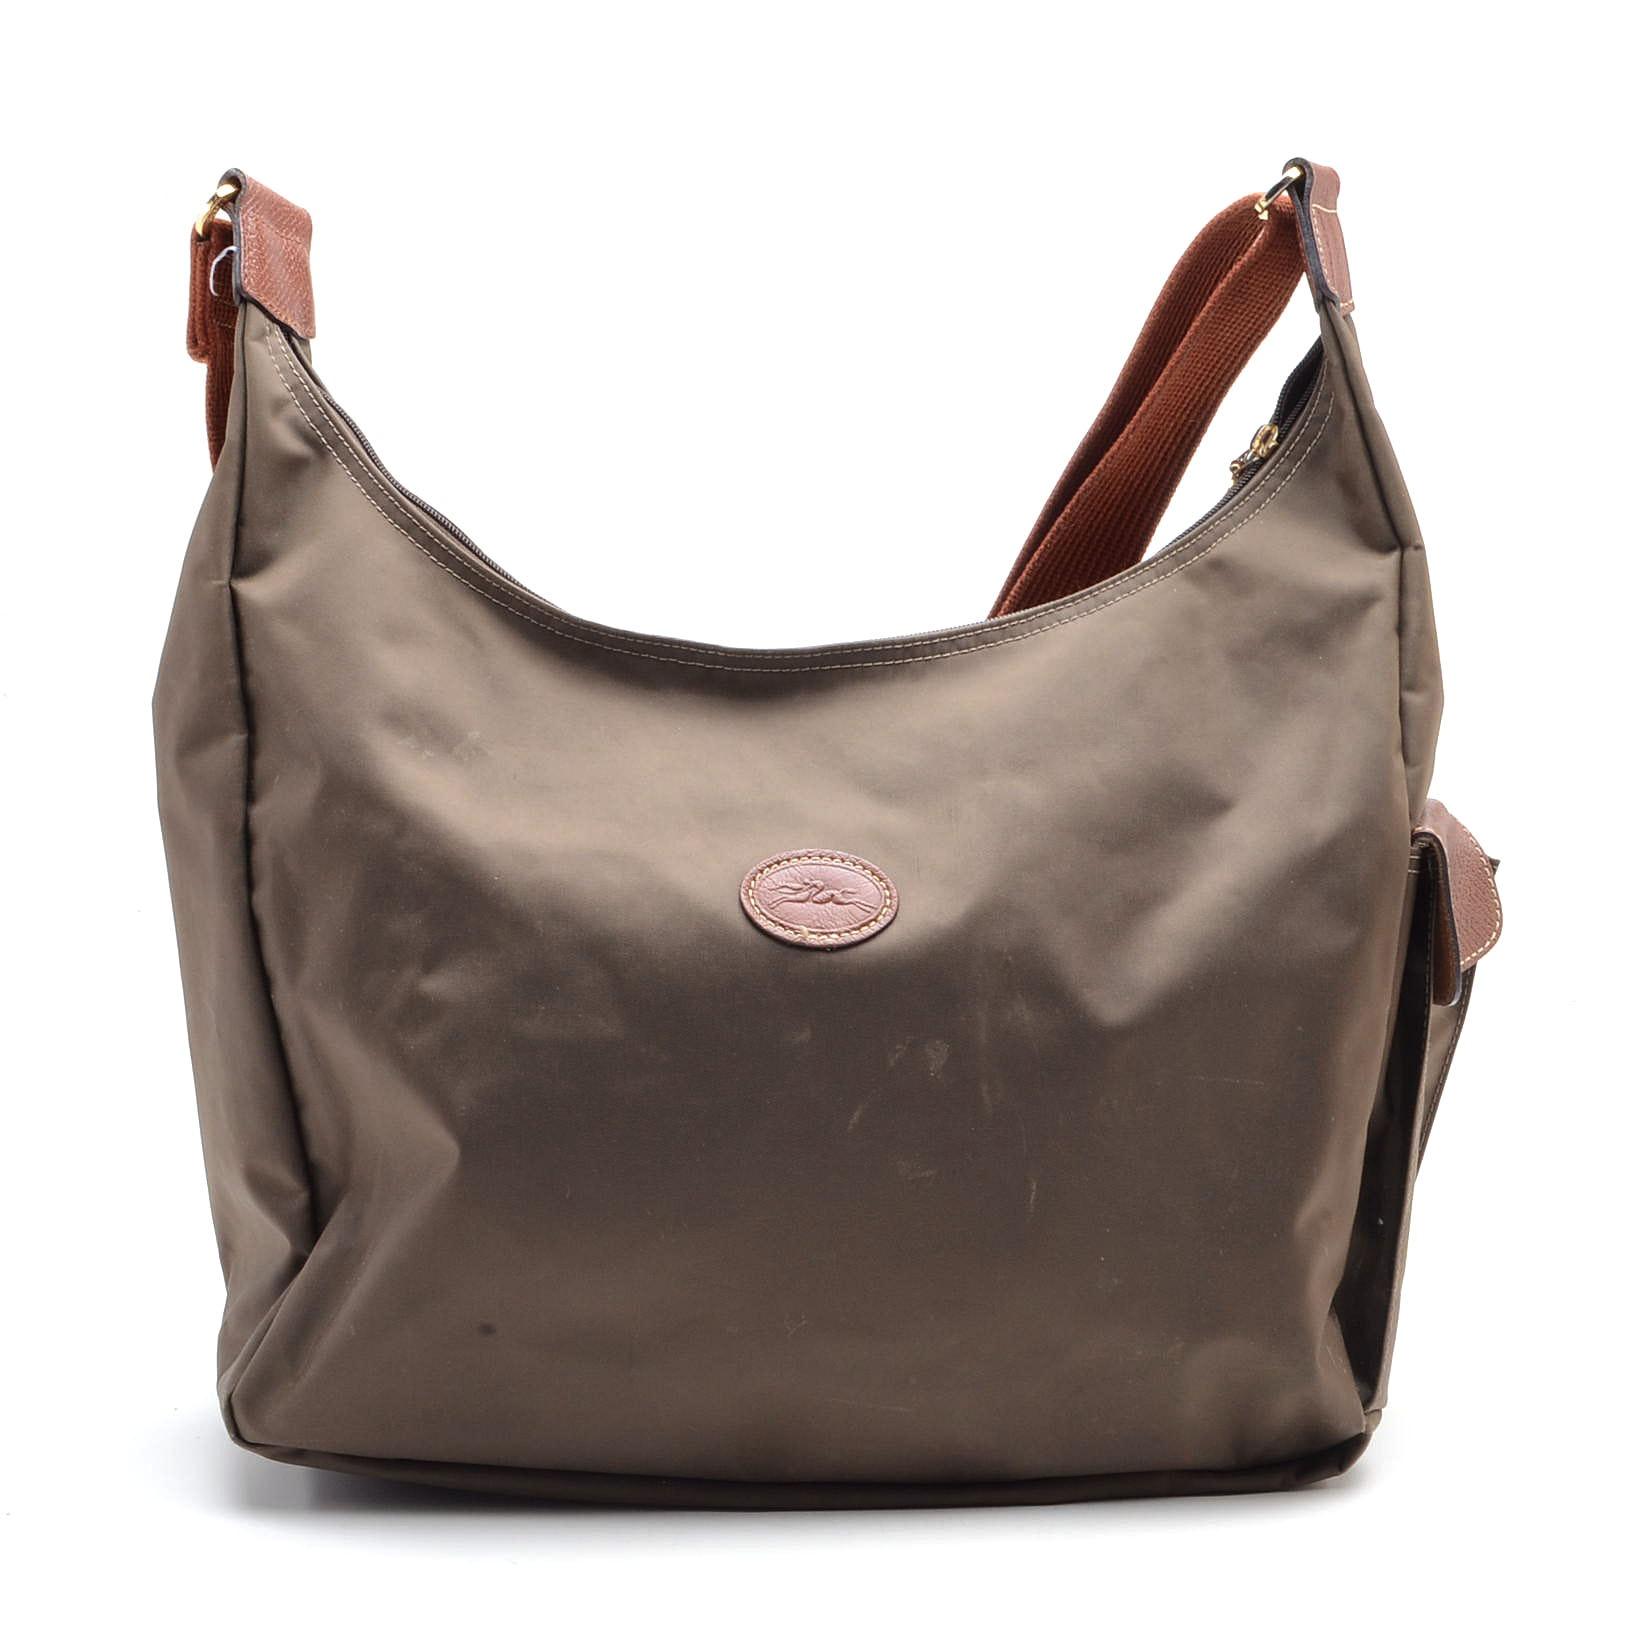 Longchamp Nylon Handbag